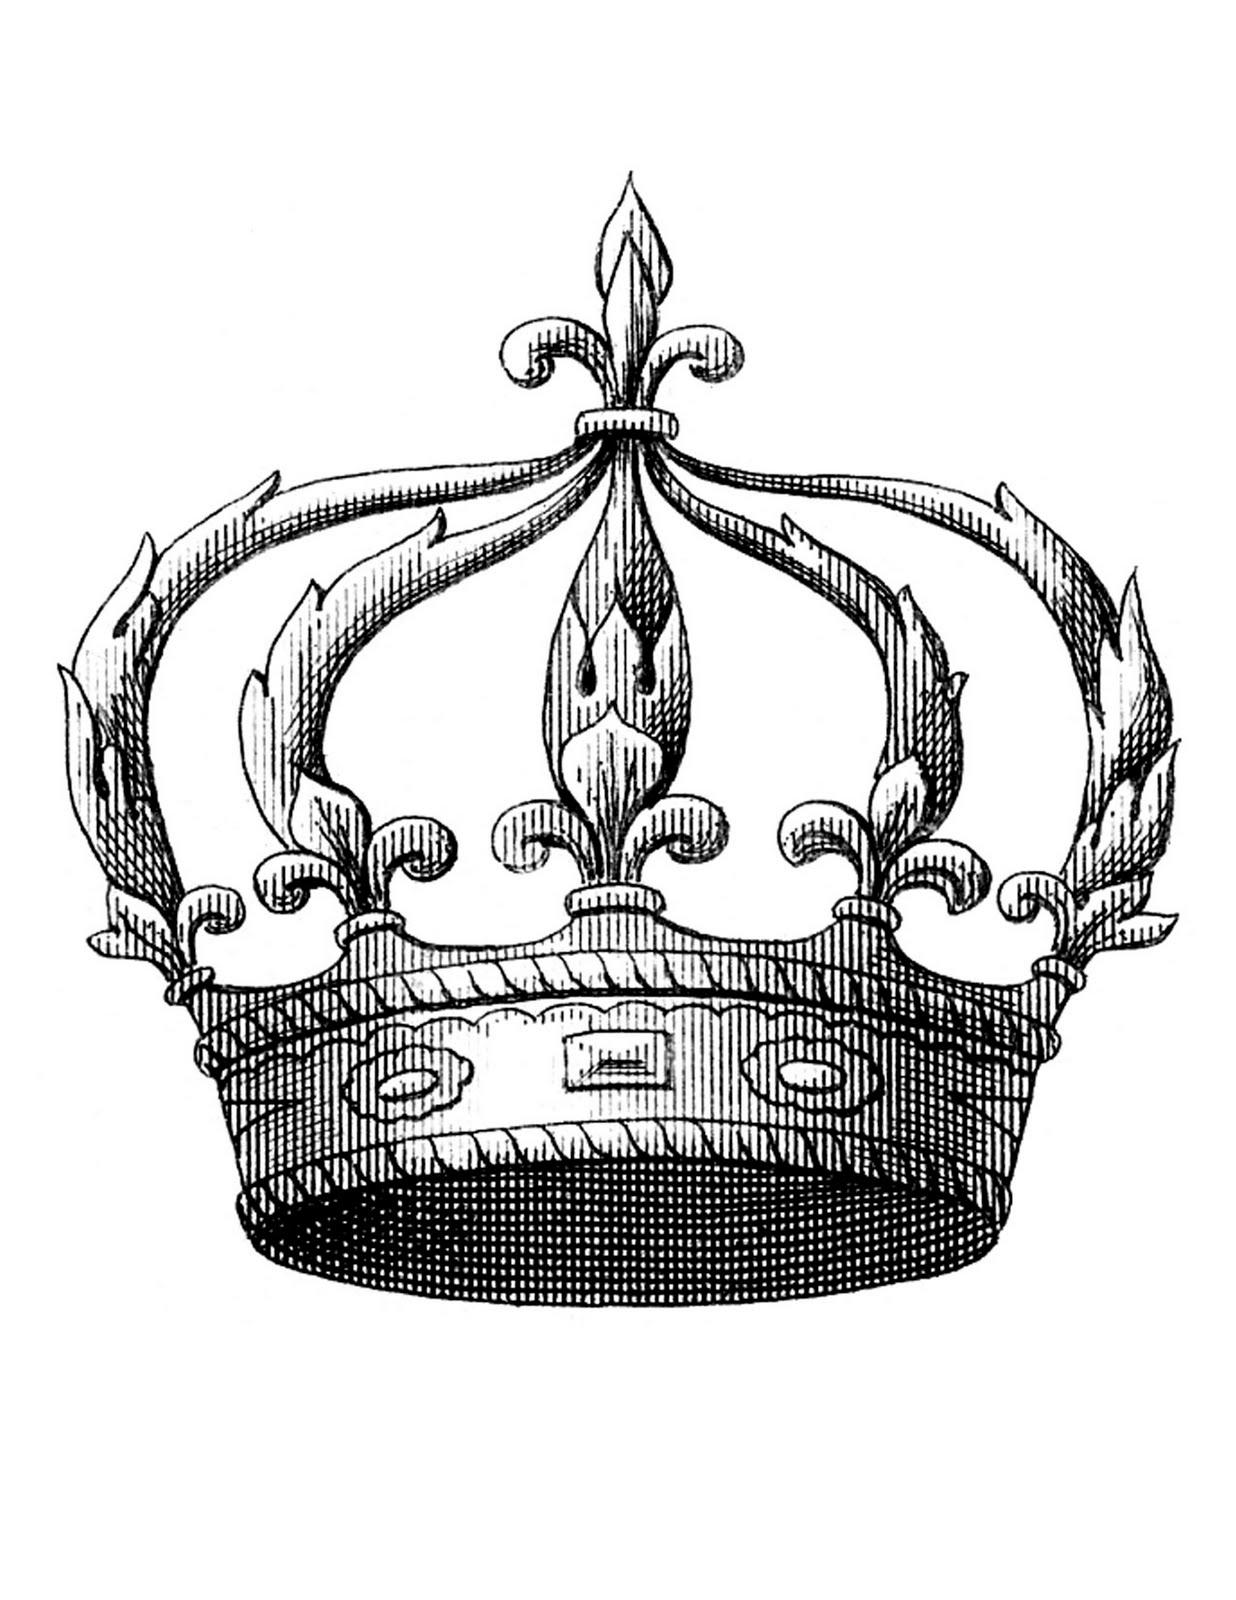 Transfer Printable - Fleur de Lis Crown - The Graphics Fairy